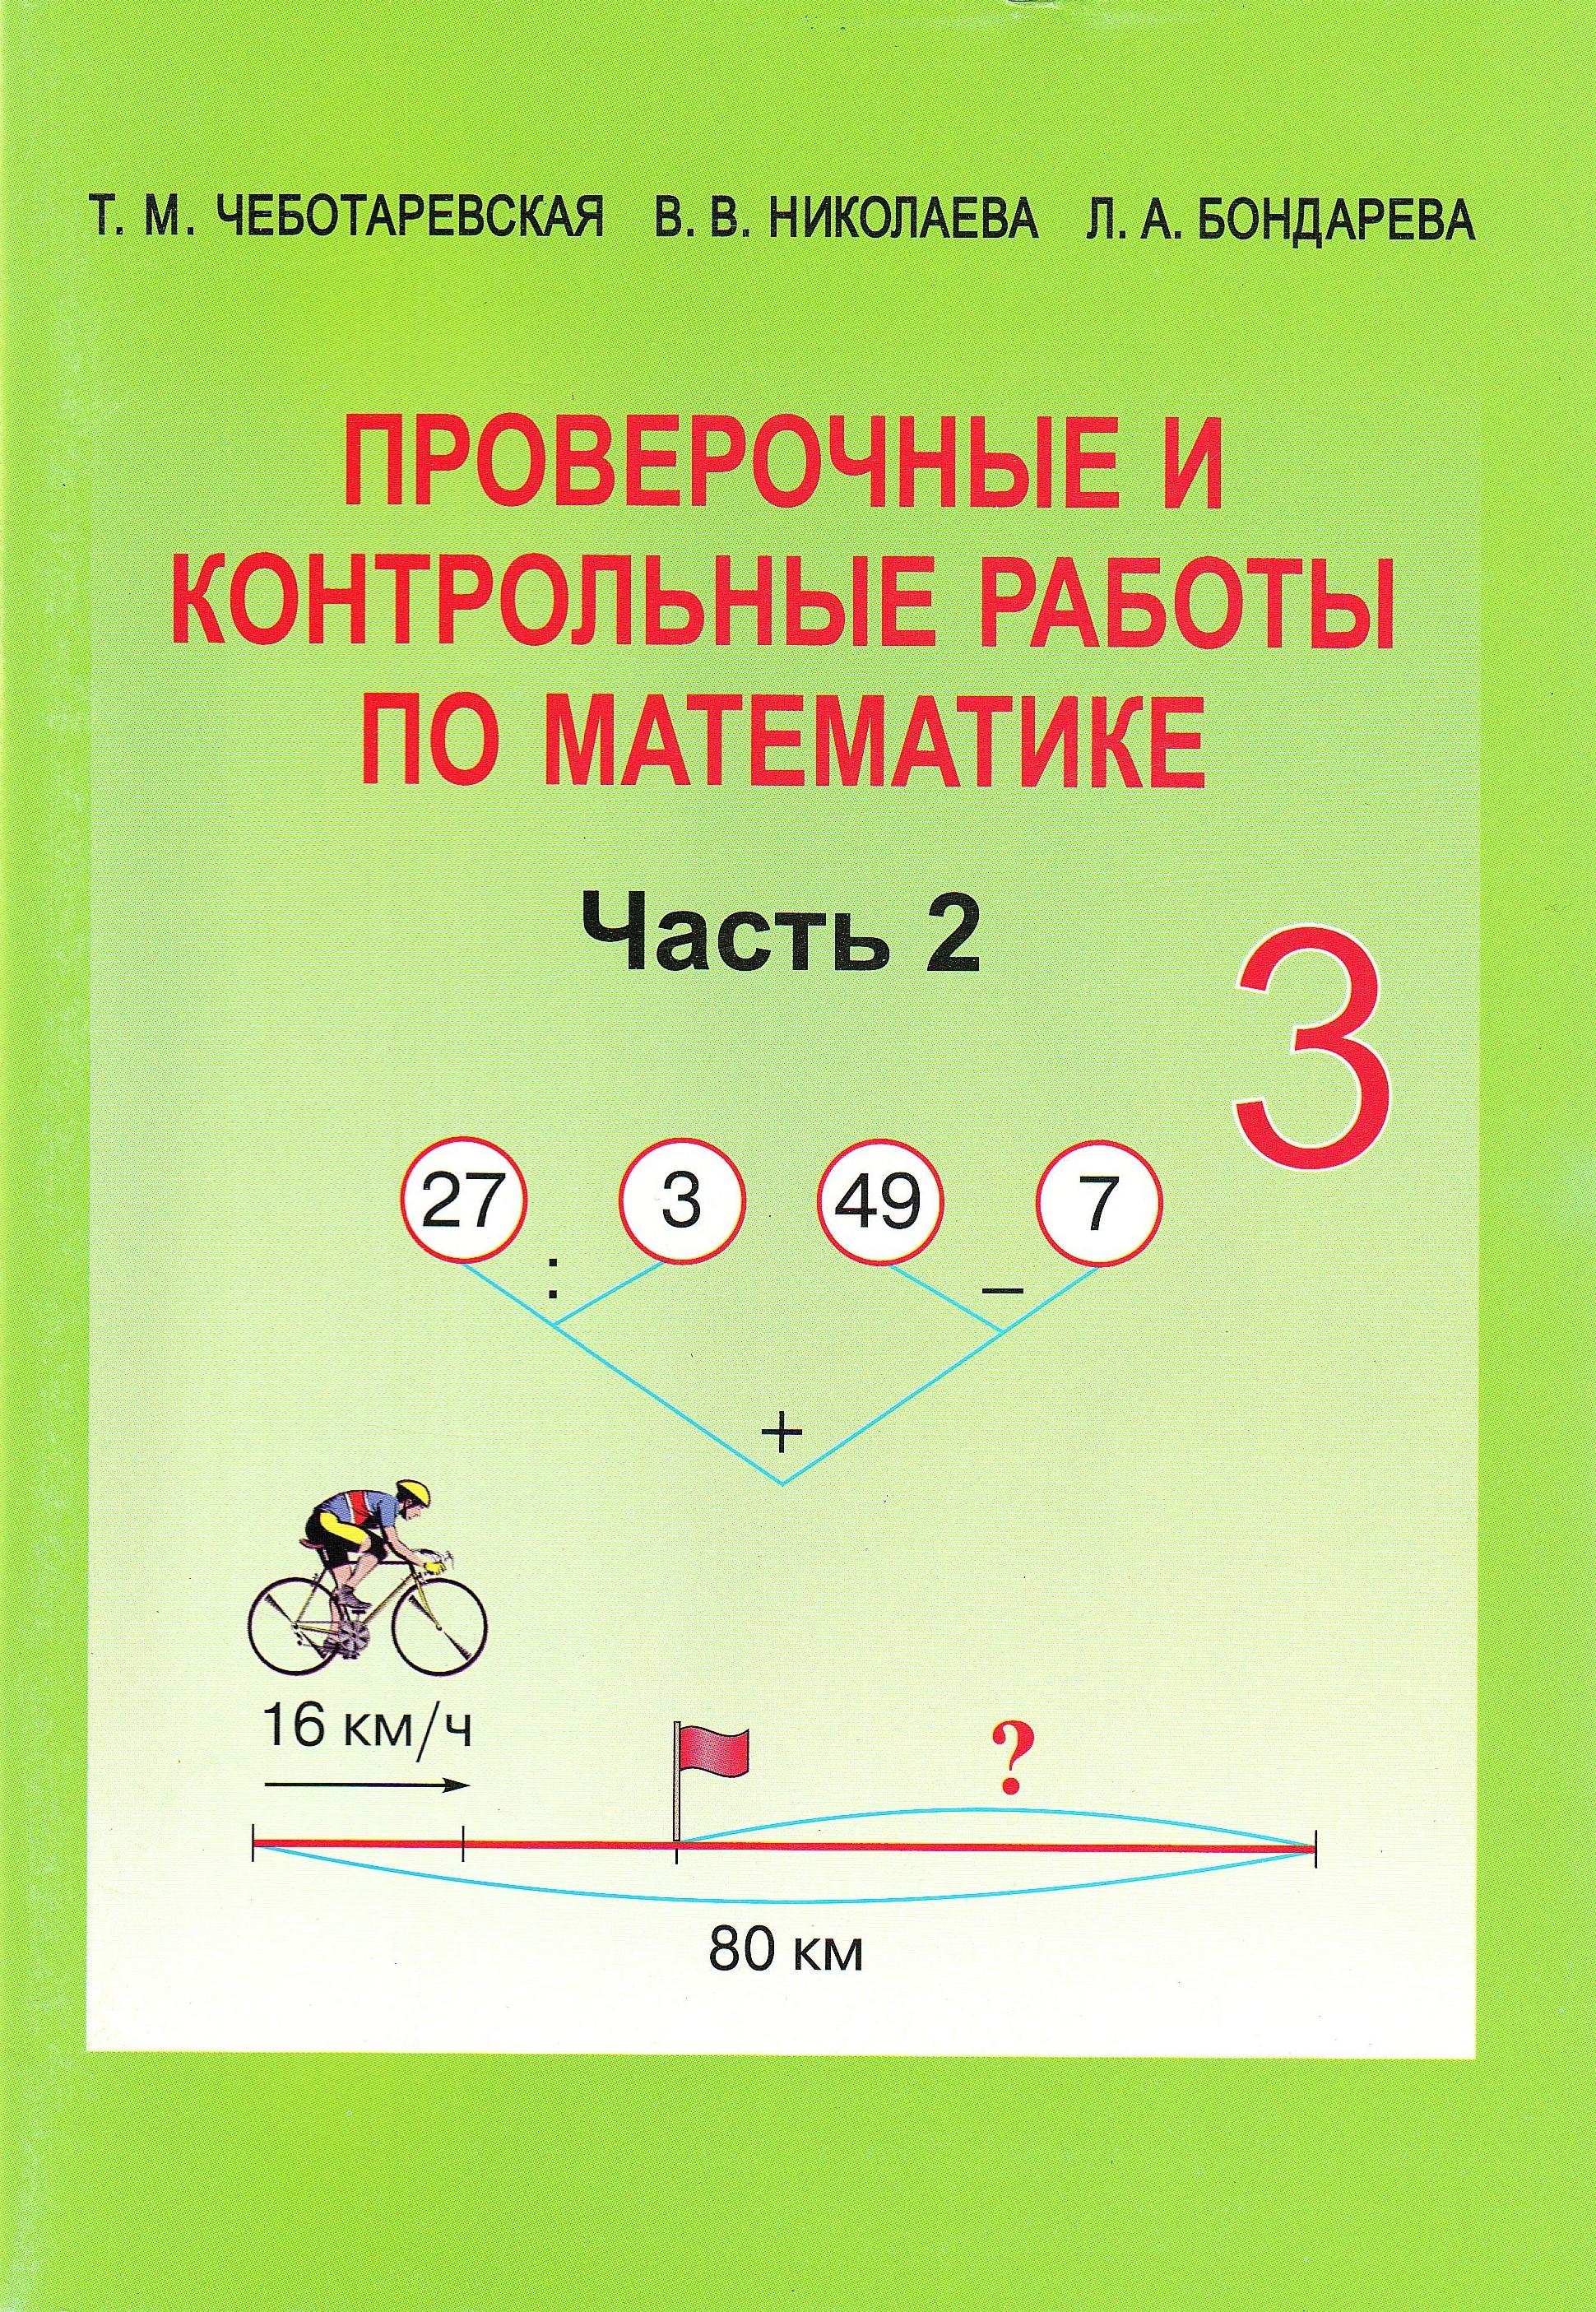 Проверочные и контрольные работы по математике, 3 класс. Часть 2